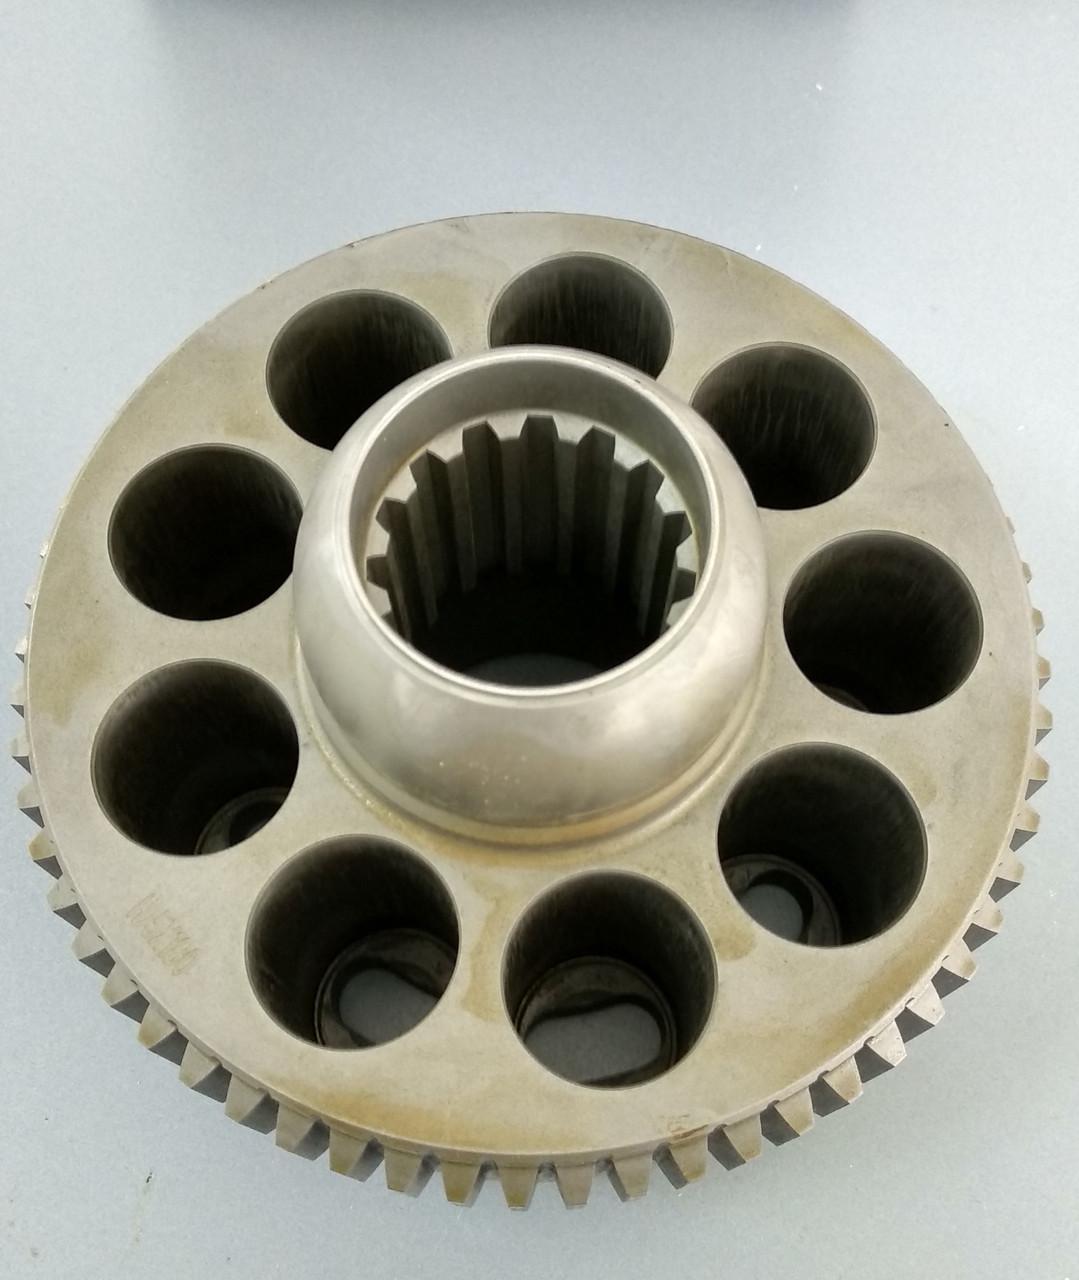 0816206 плунжер гидромотора поворота Kawasaki M5X180 (для гидромотора Hitachi 4621174 / 4616985)